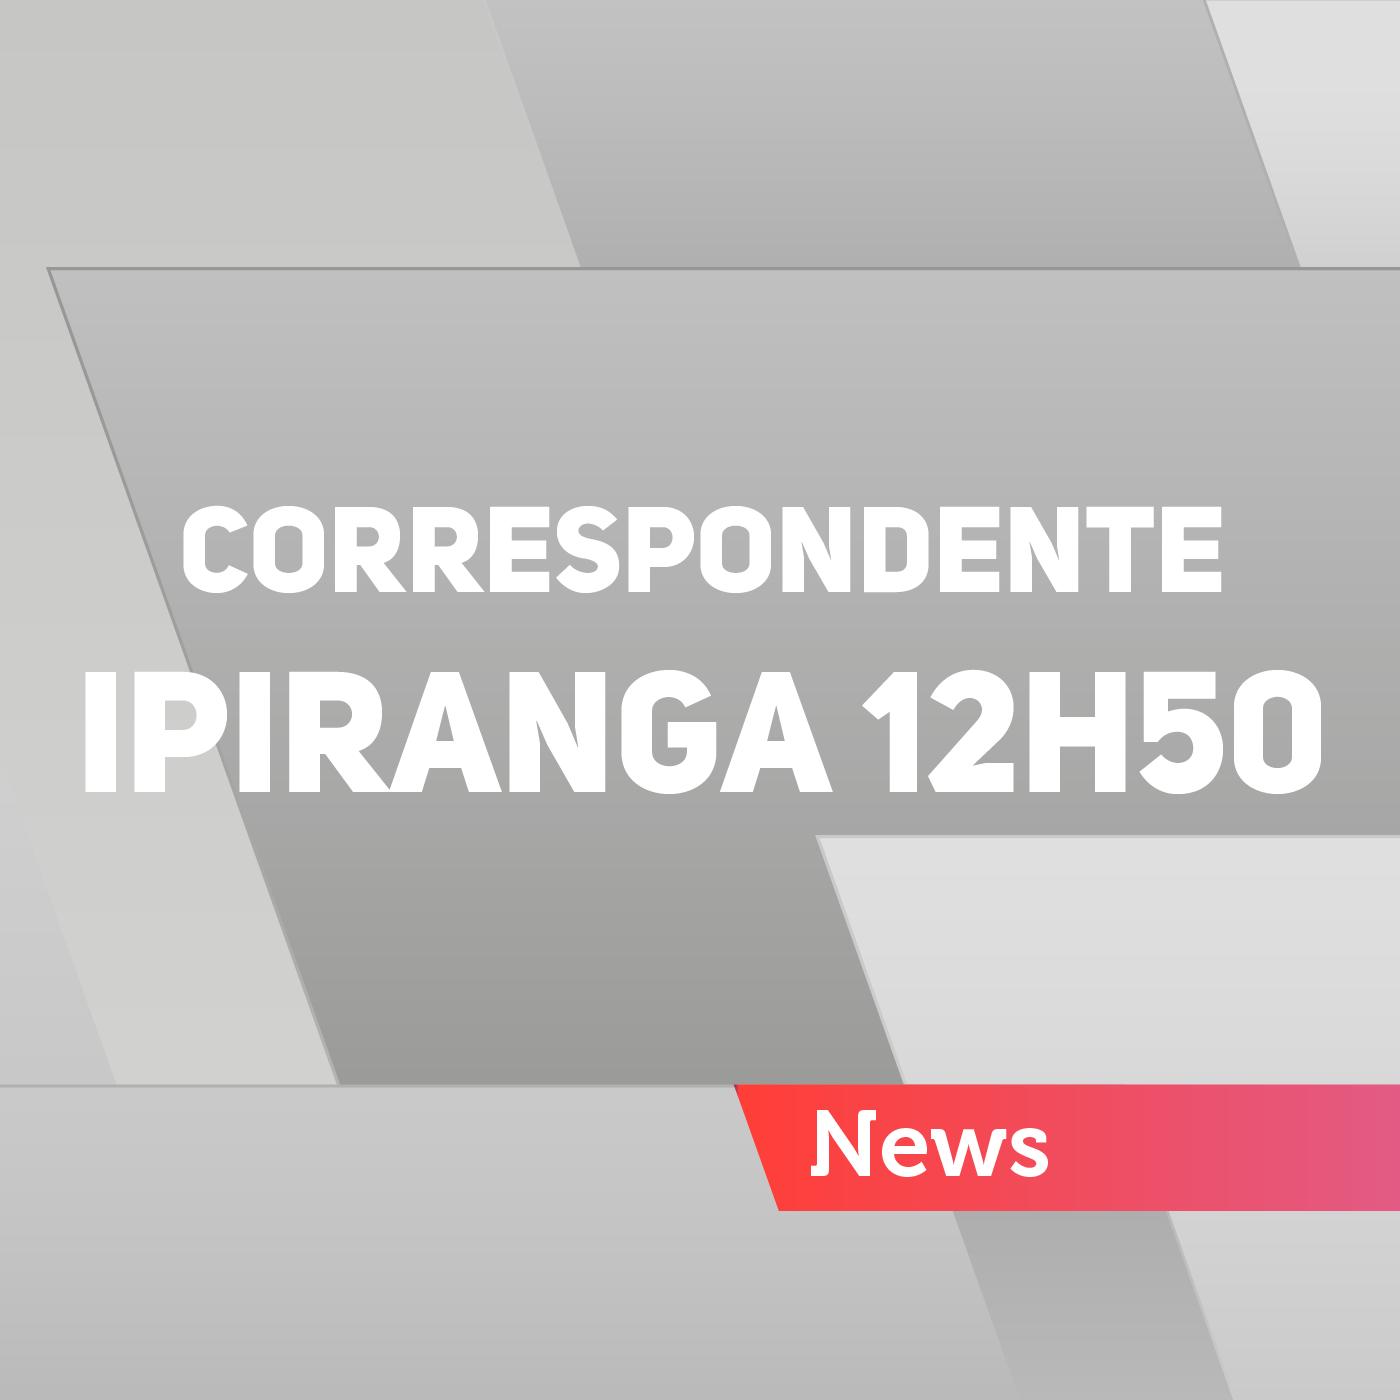 Correspondente Ipiranga 12h50 – 19/08/2017